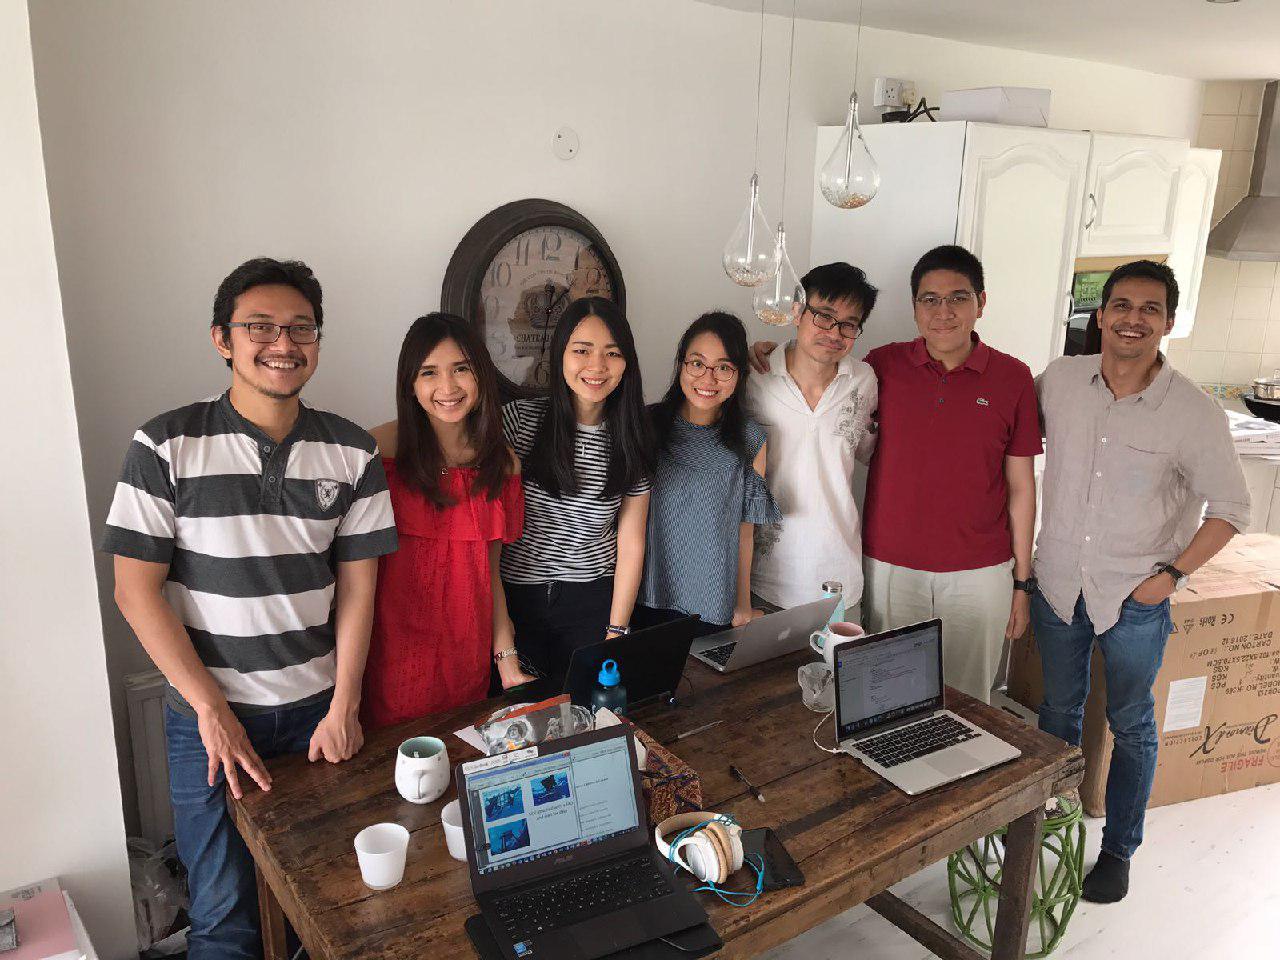 Tujuh Founders dari NIF saat mendiskusikan draft AD ART pertama. Lokasinya di rumah Arief Gunawan, President pertama NIF. Dari kiri ke kanan: Vani, Dea, Lilis, Ovi, Arief, Satria, Rizal.